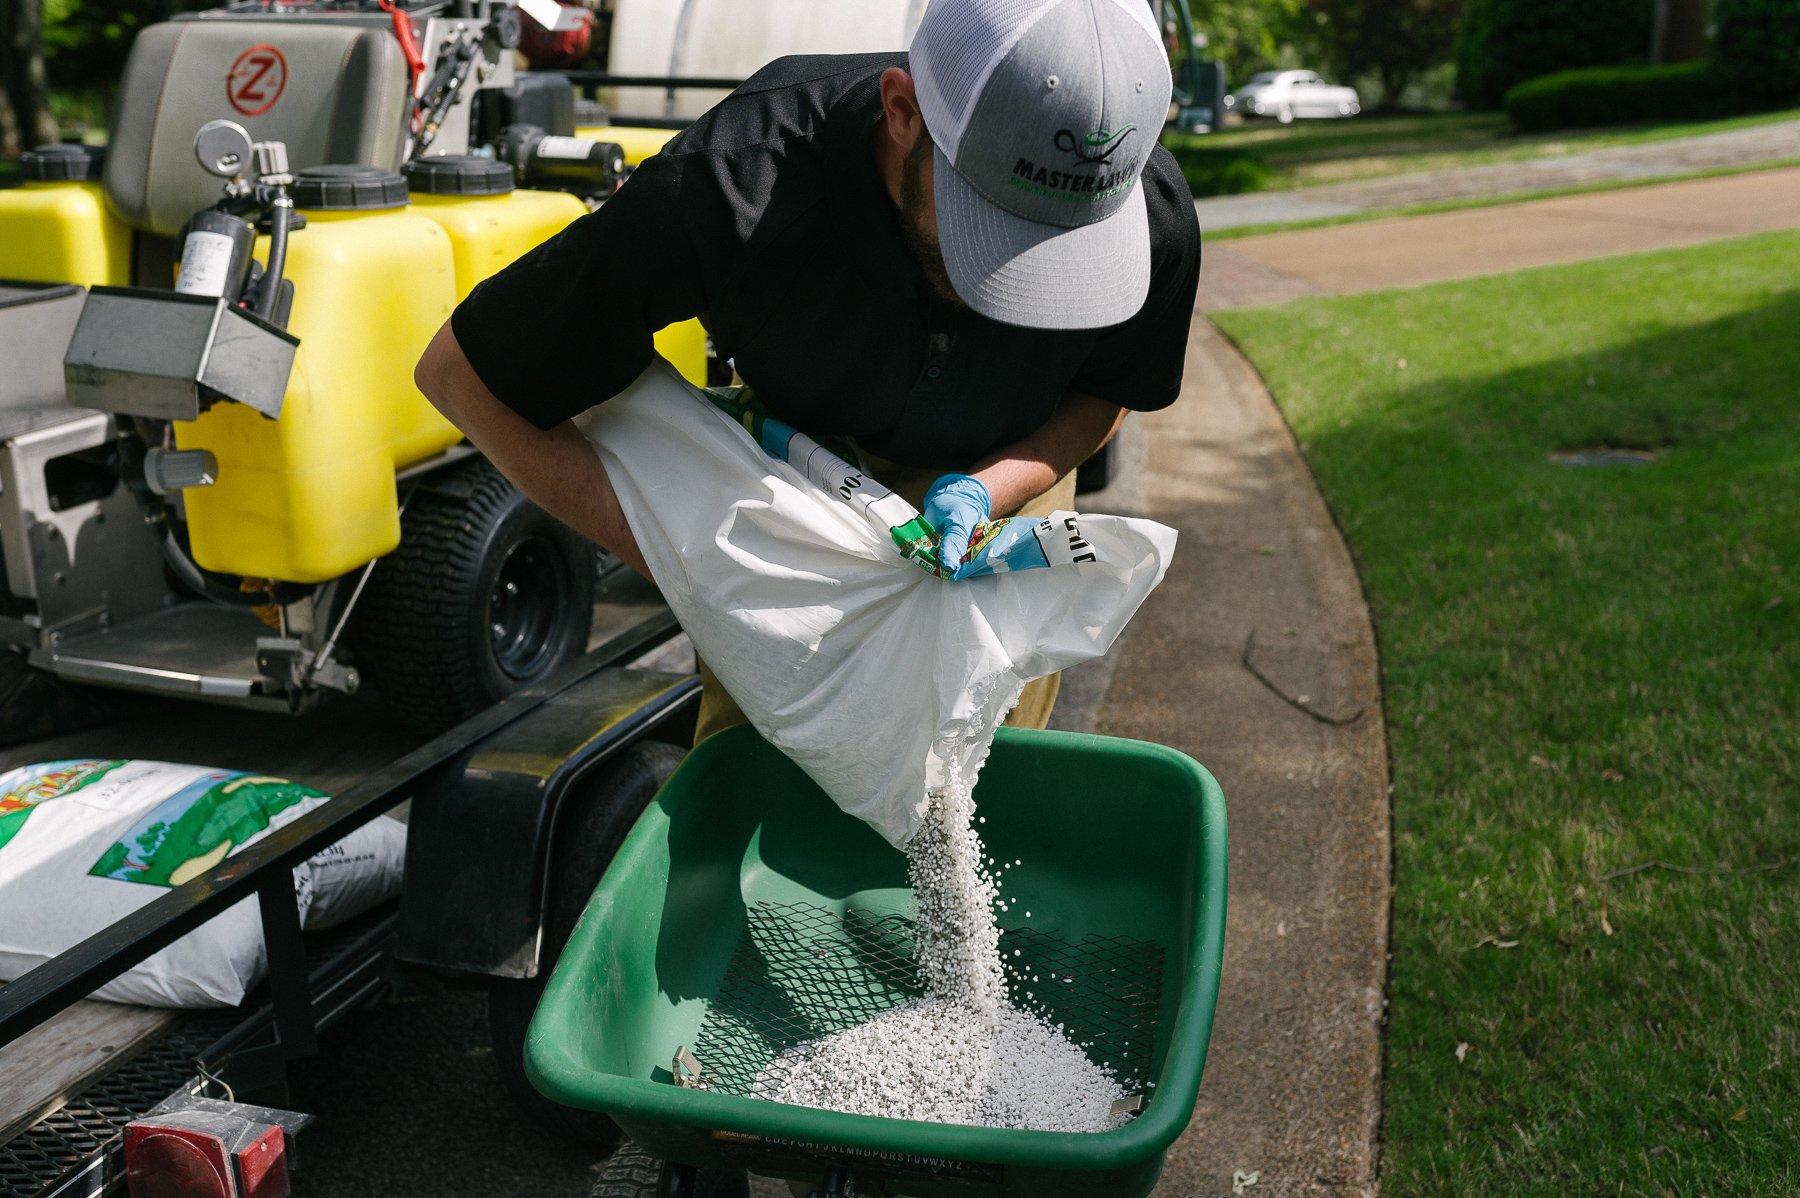 landscape technician pouring granular fertilizer